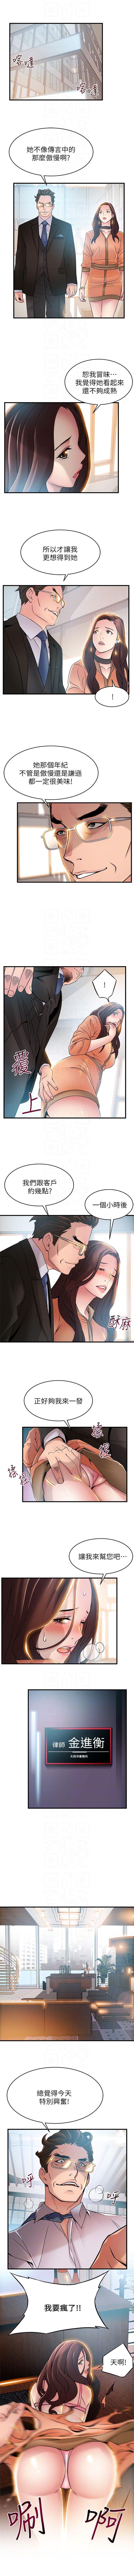 (週7)弱點 1-76 中文翻譯(更新中) 228